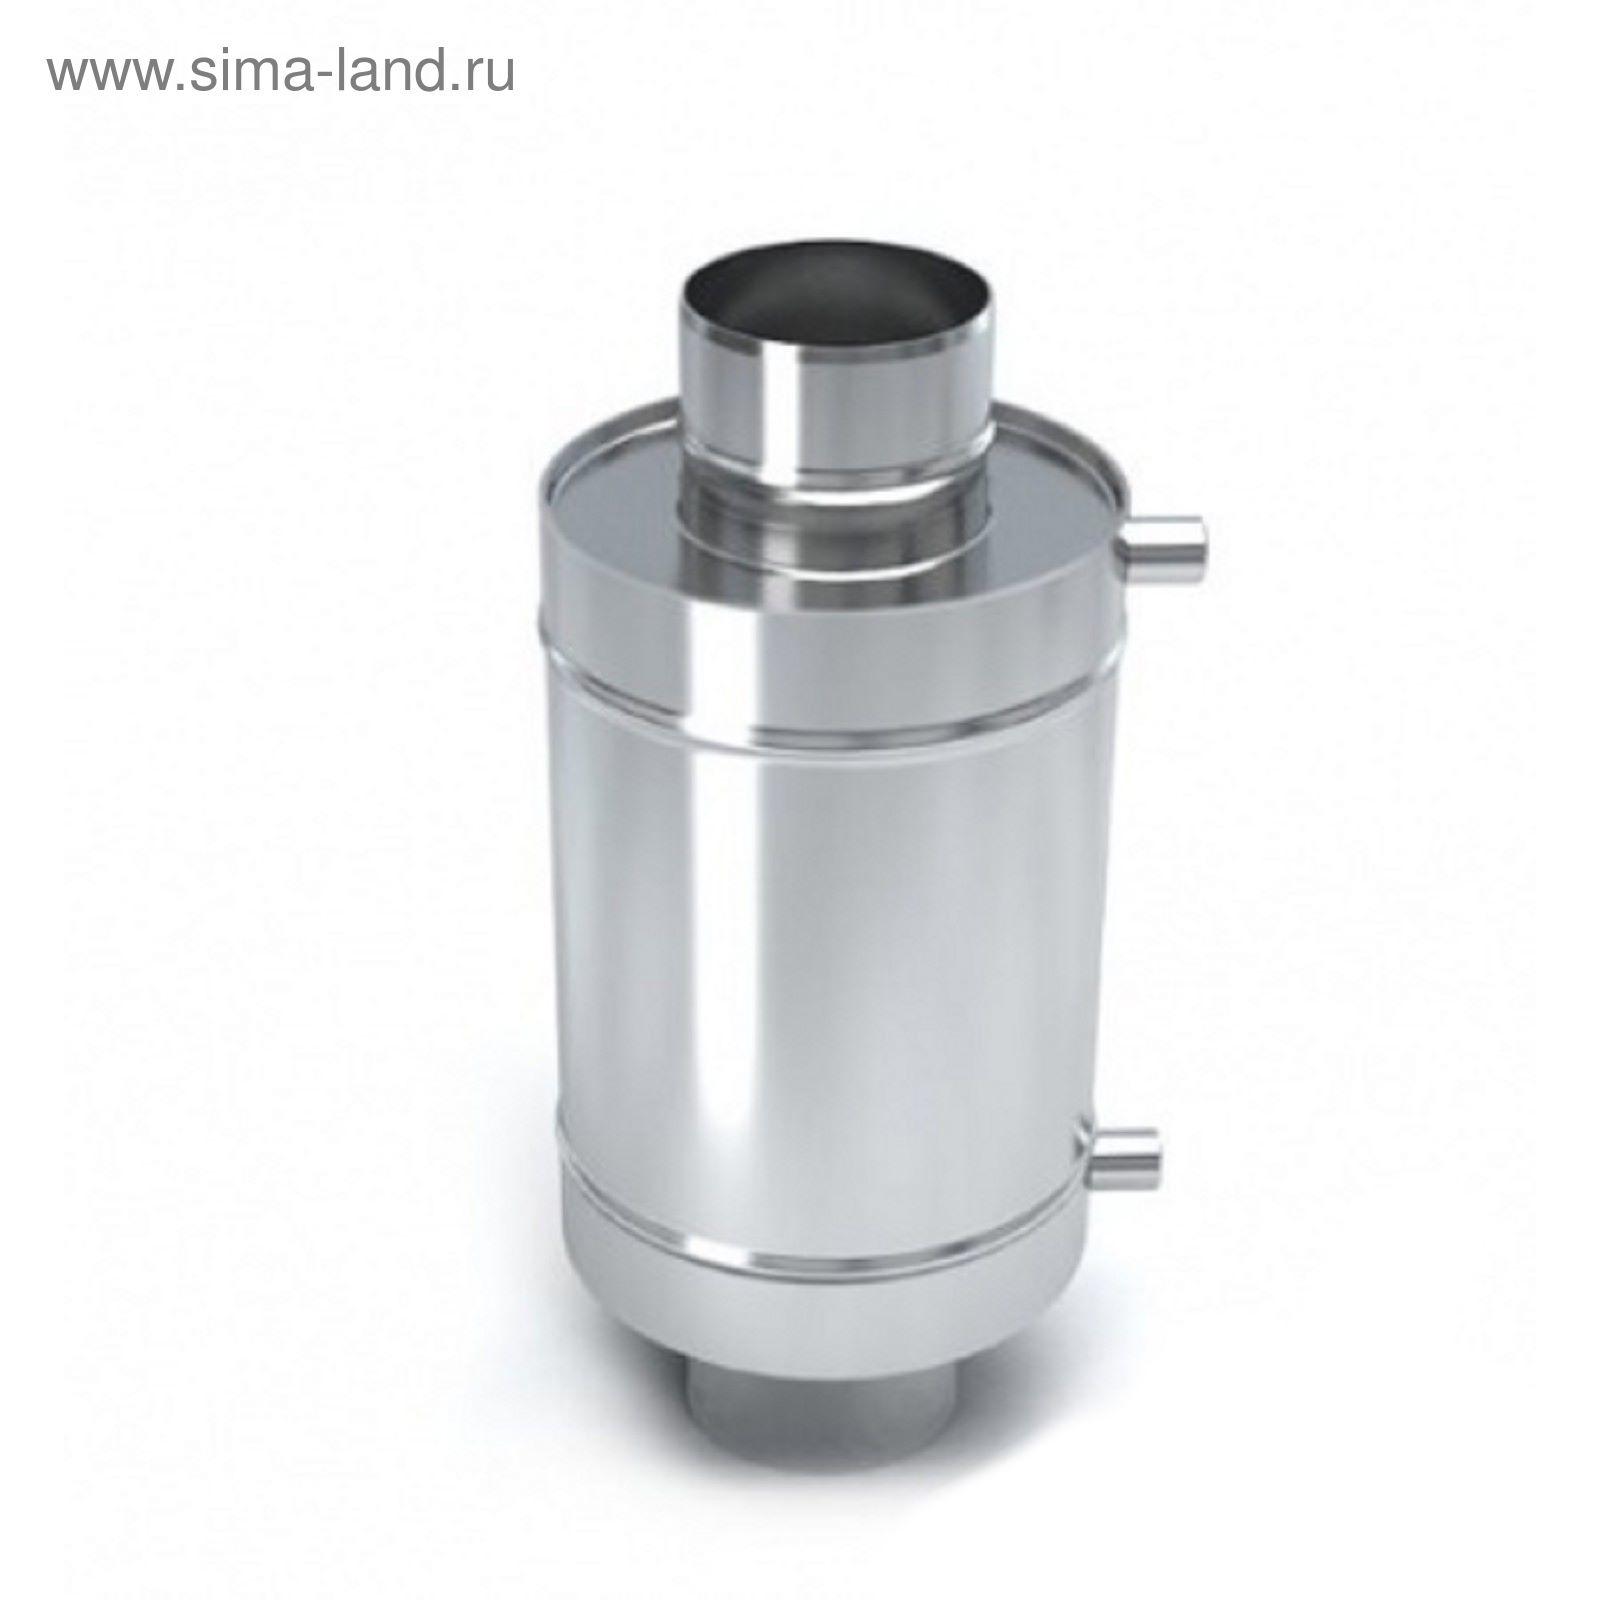 Теплообменник для термофор купить пластинчатые ребристые теплообменники